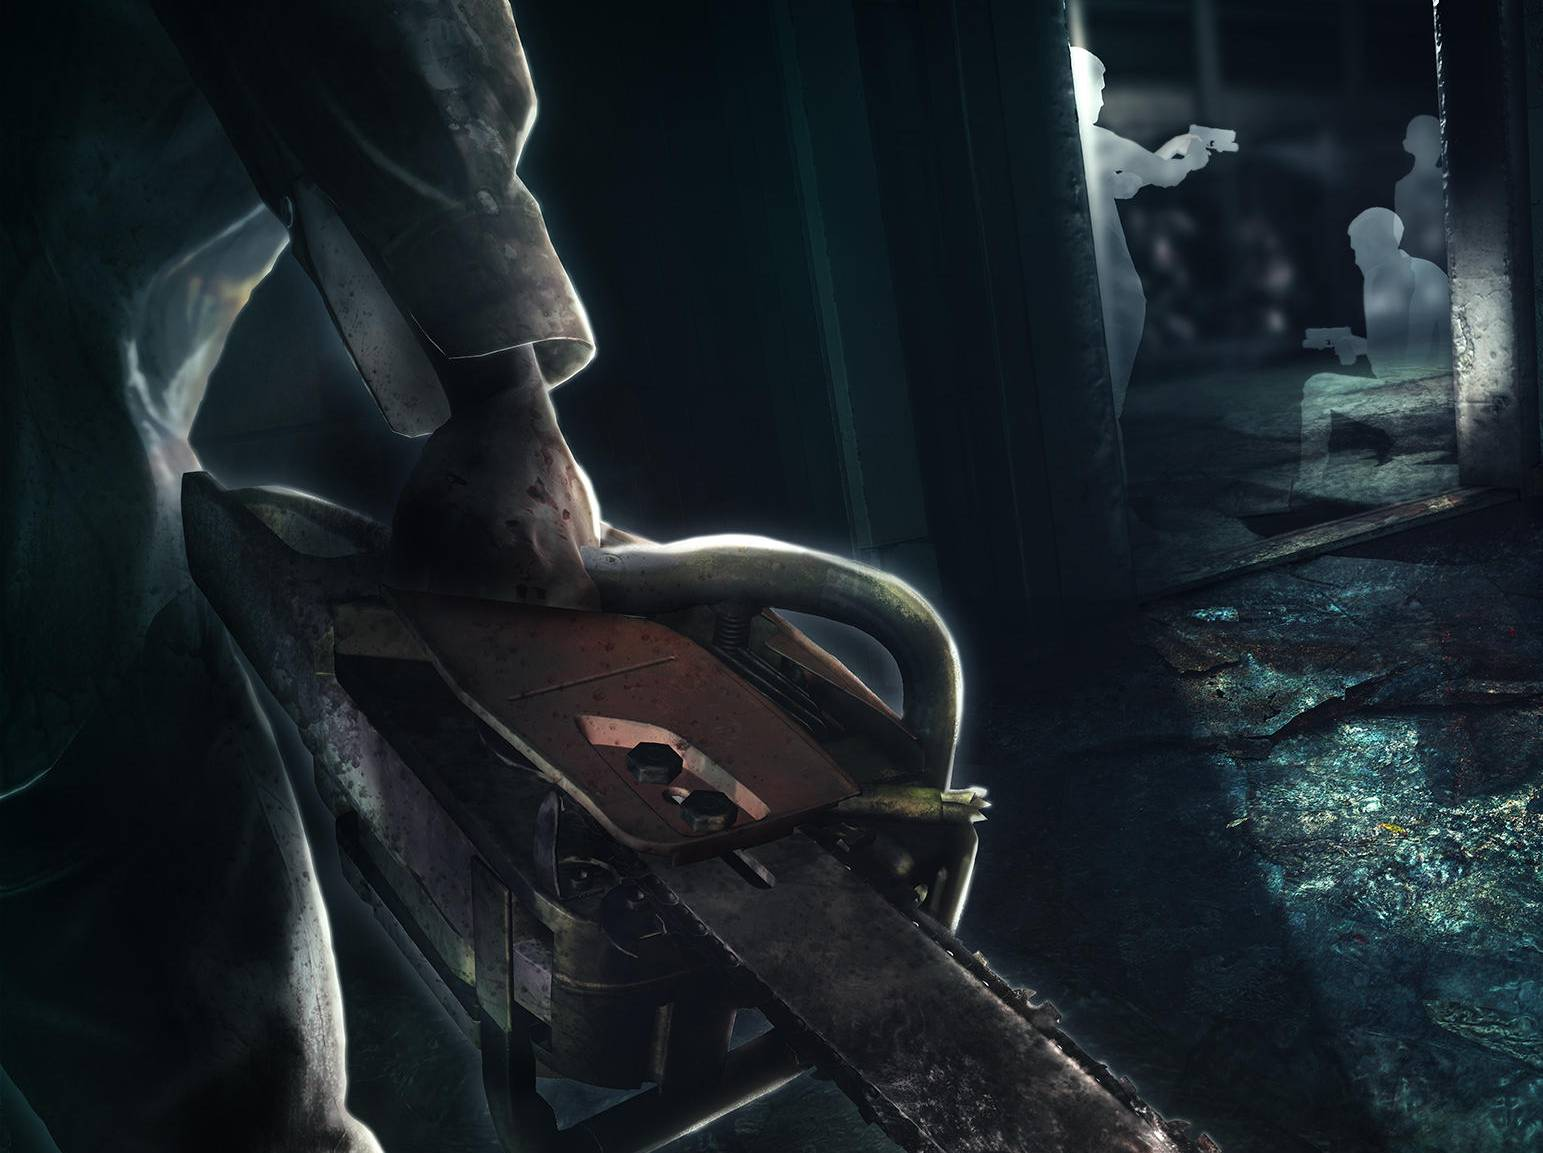 Capcom Japan's Biohazard Walkthrough The Fear VR Experience Ready For Halloween